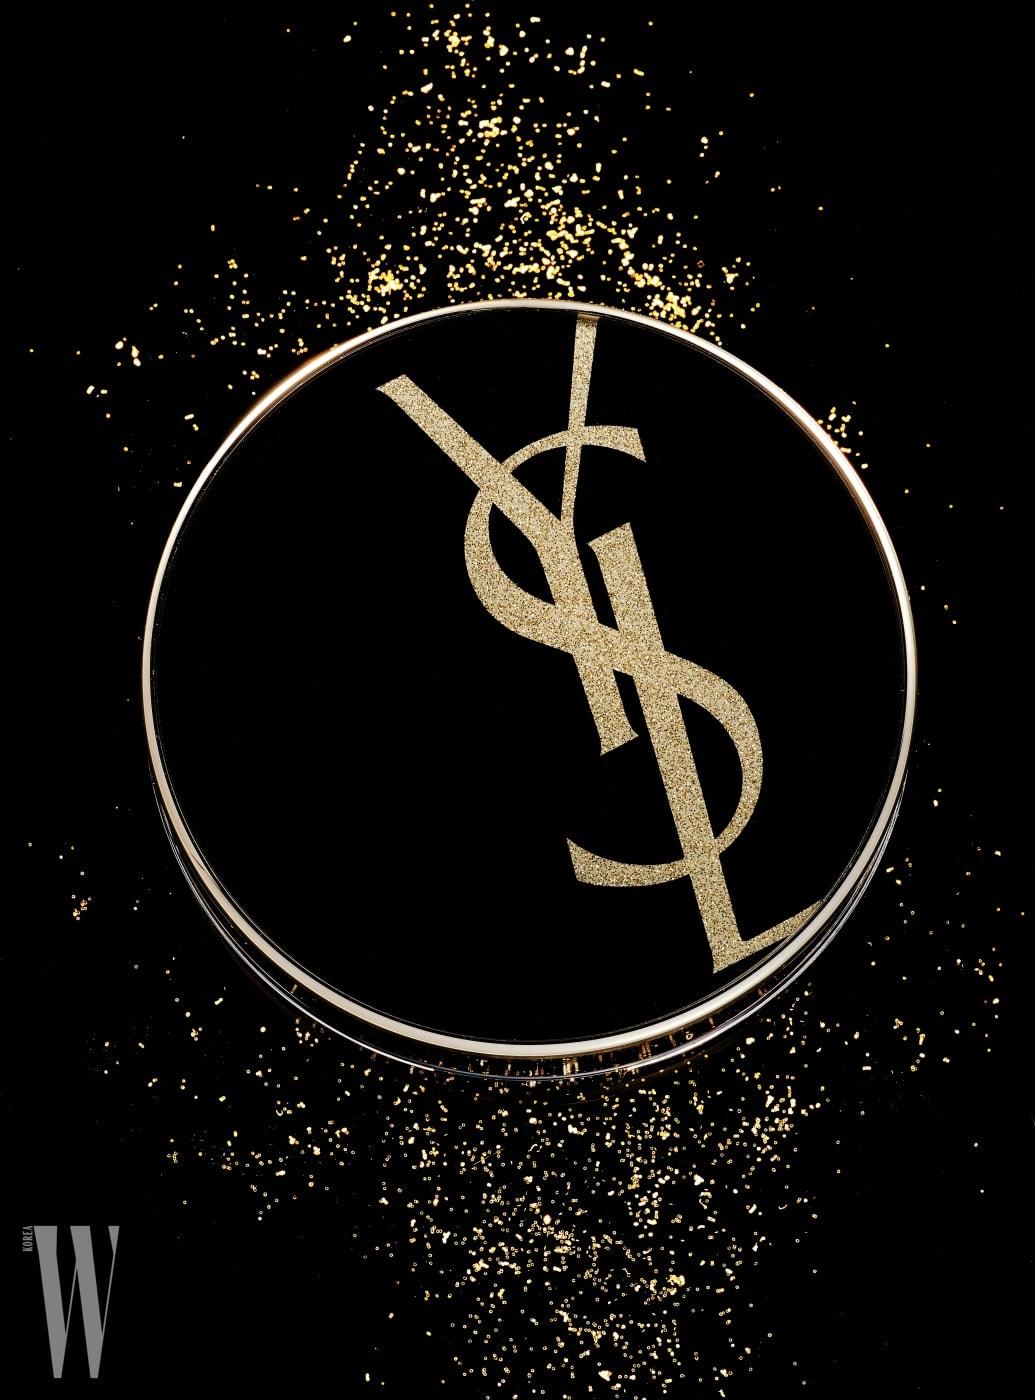 YVES SAINTLAURENT BEAUTY 르 쿠션 엉크르 드 뽀 모노그램 에디션 한정 제품. 14g, 8만2천원대.